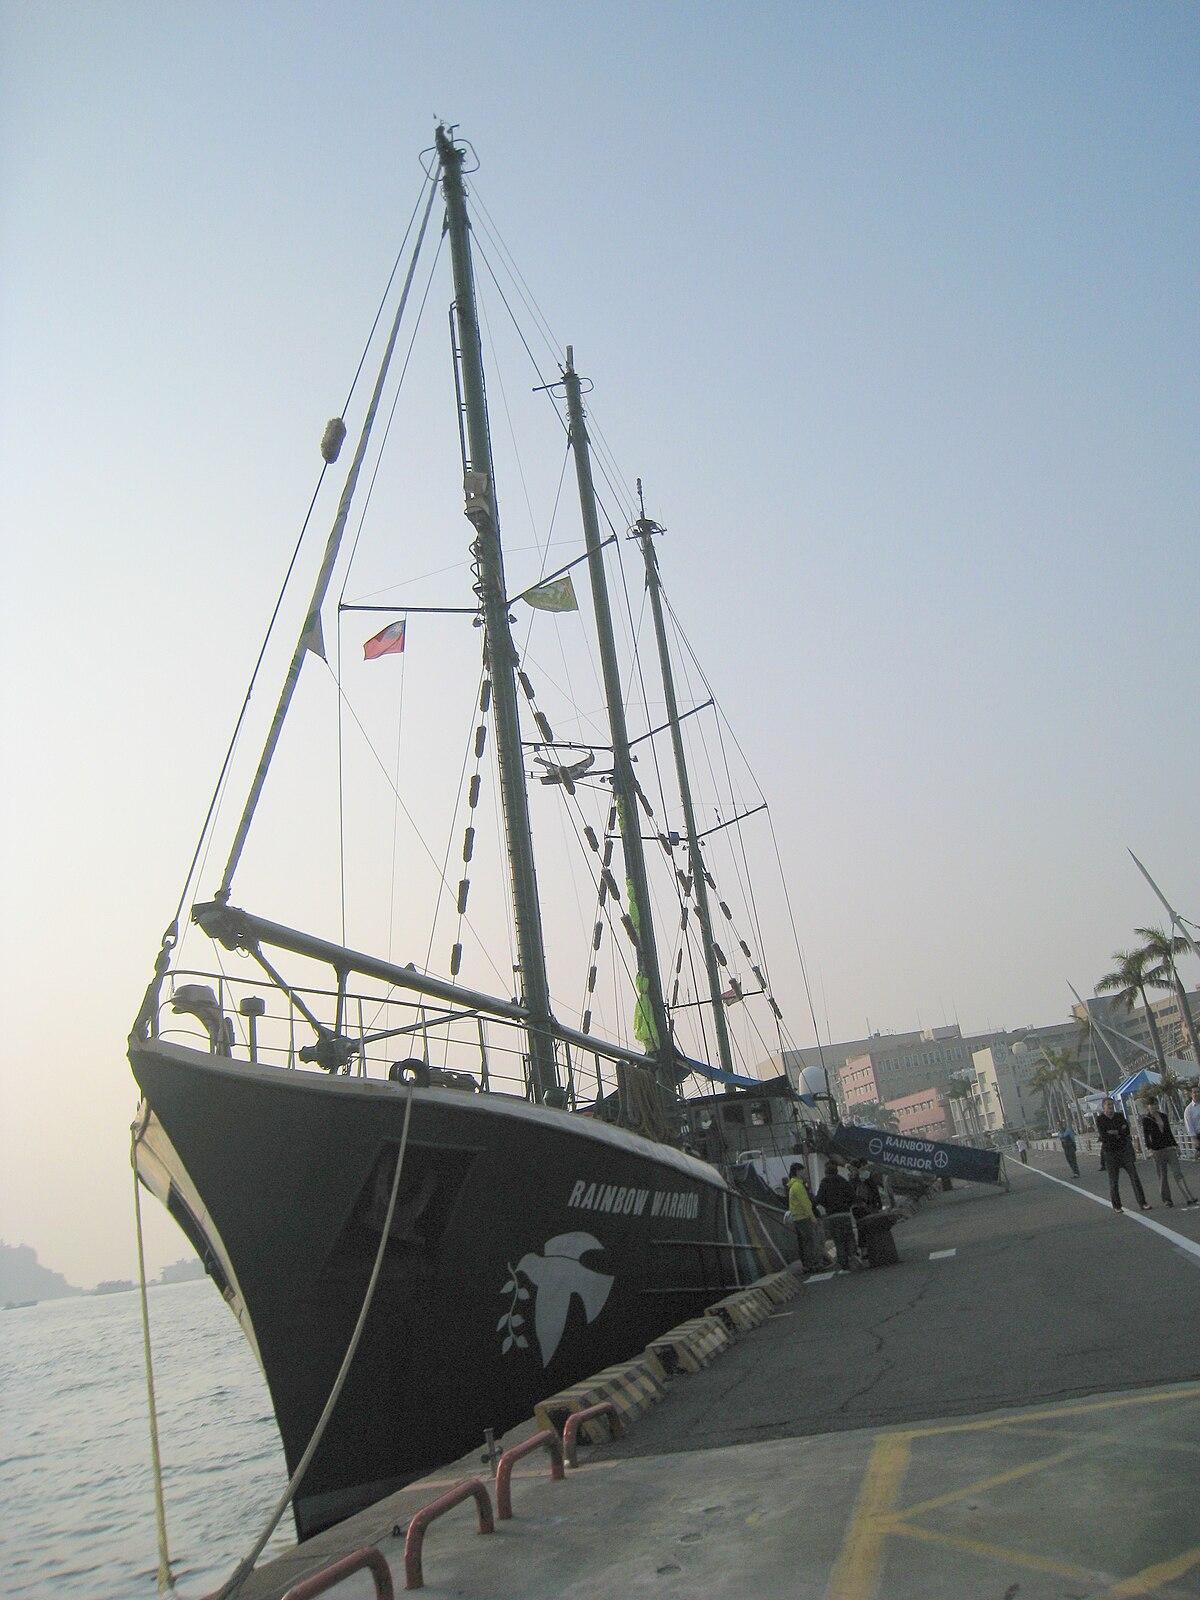 綠色和平組織「彩虹勇士號」航抵高雄港 - 維基新聞,自由的新聞源